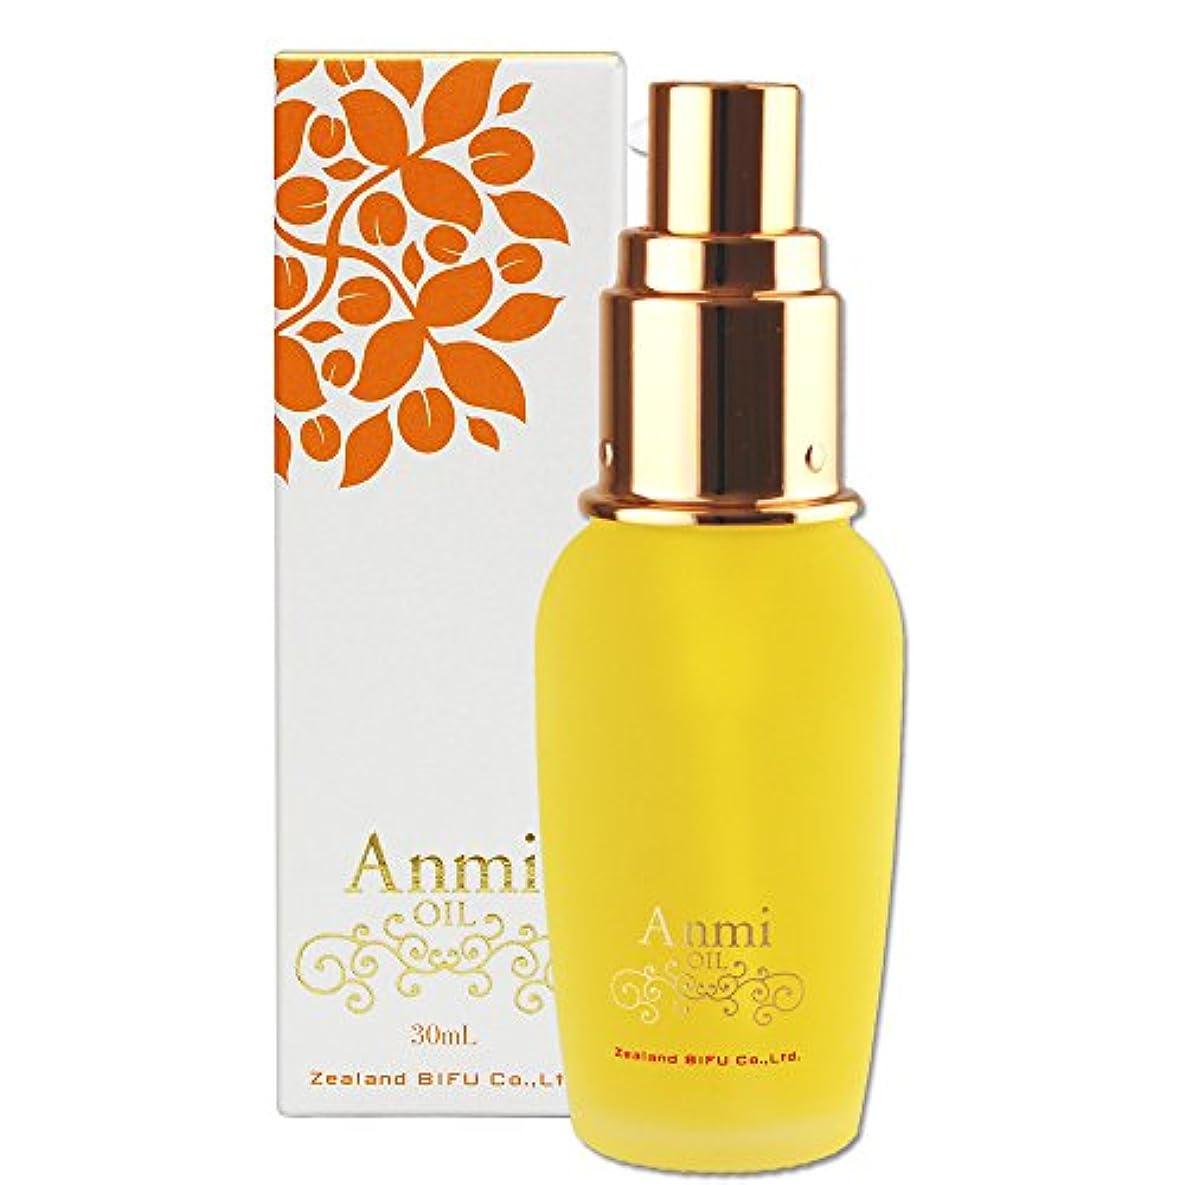 子供時代に渡って事業Anmi アンミオイル 30ml ヨクイニンエキス配合 肌に浸透させて顔や首元のぶつぶつケアに。